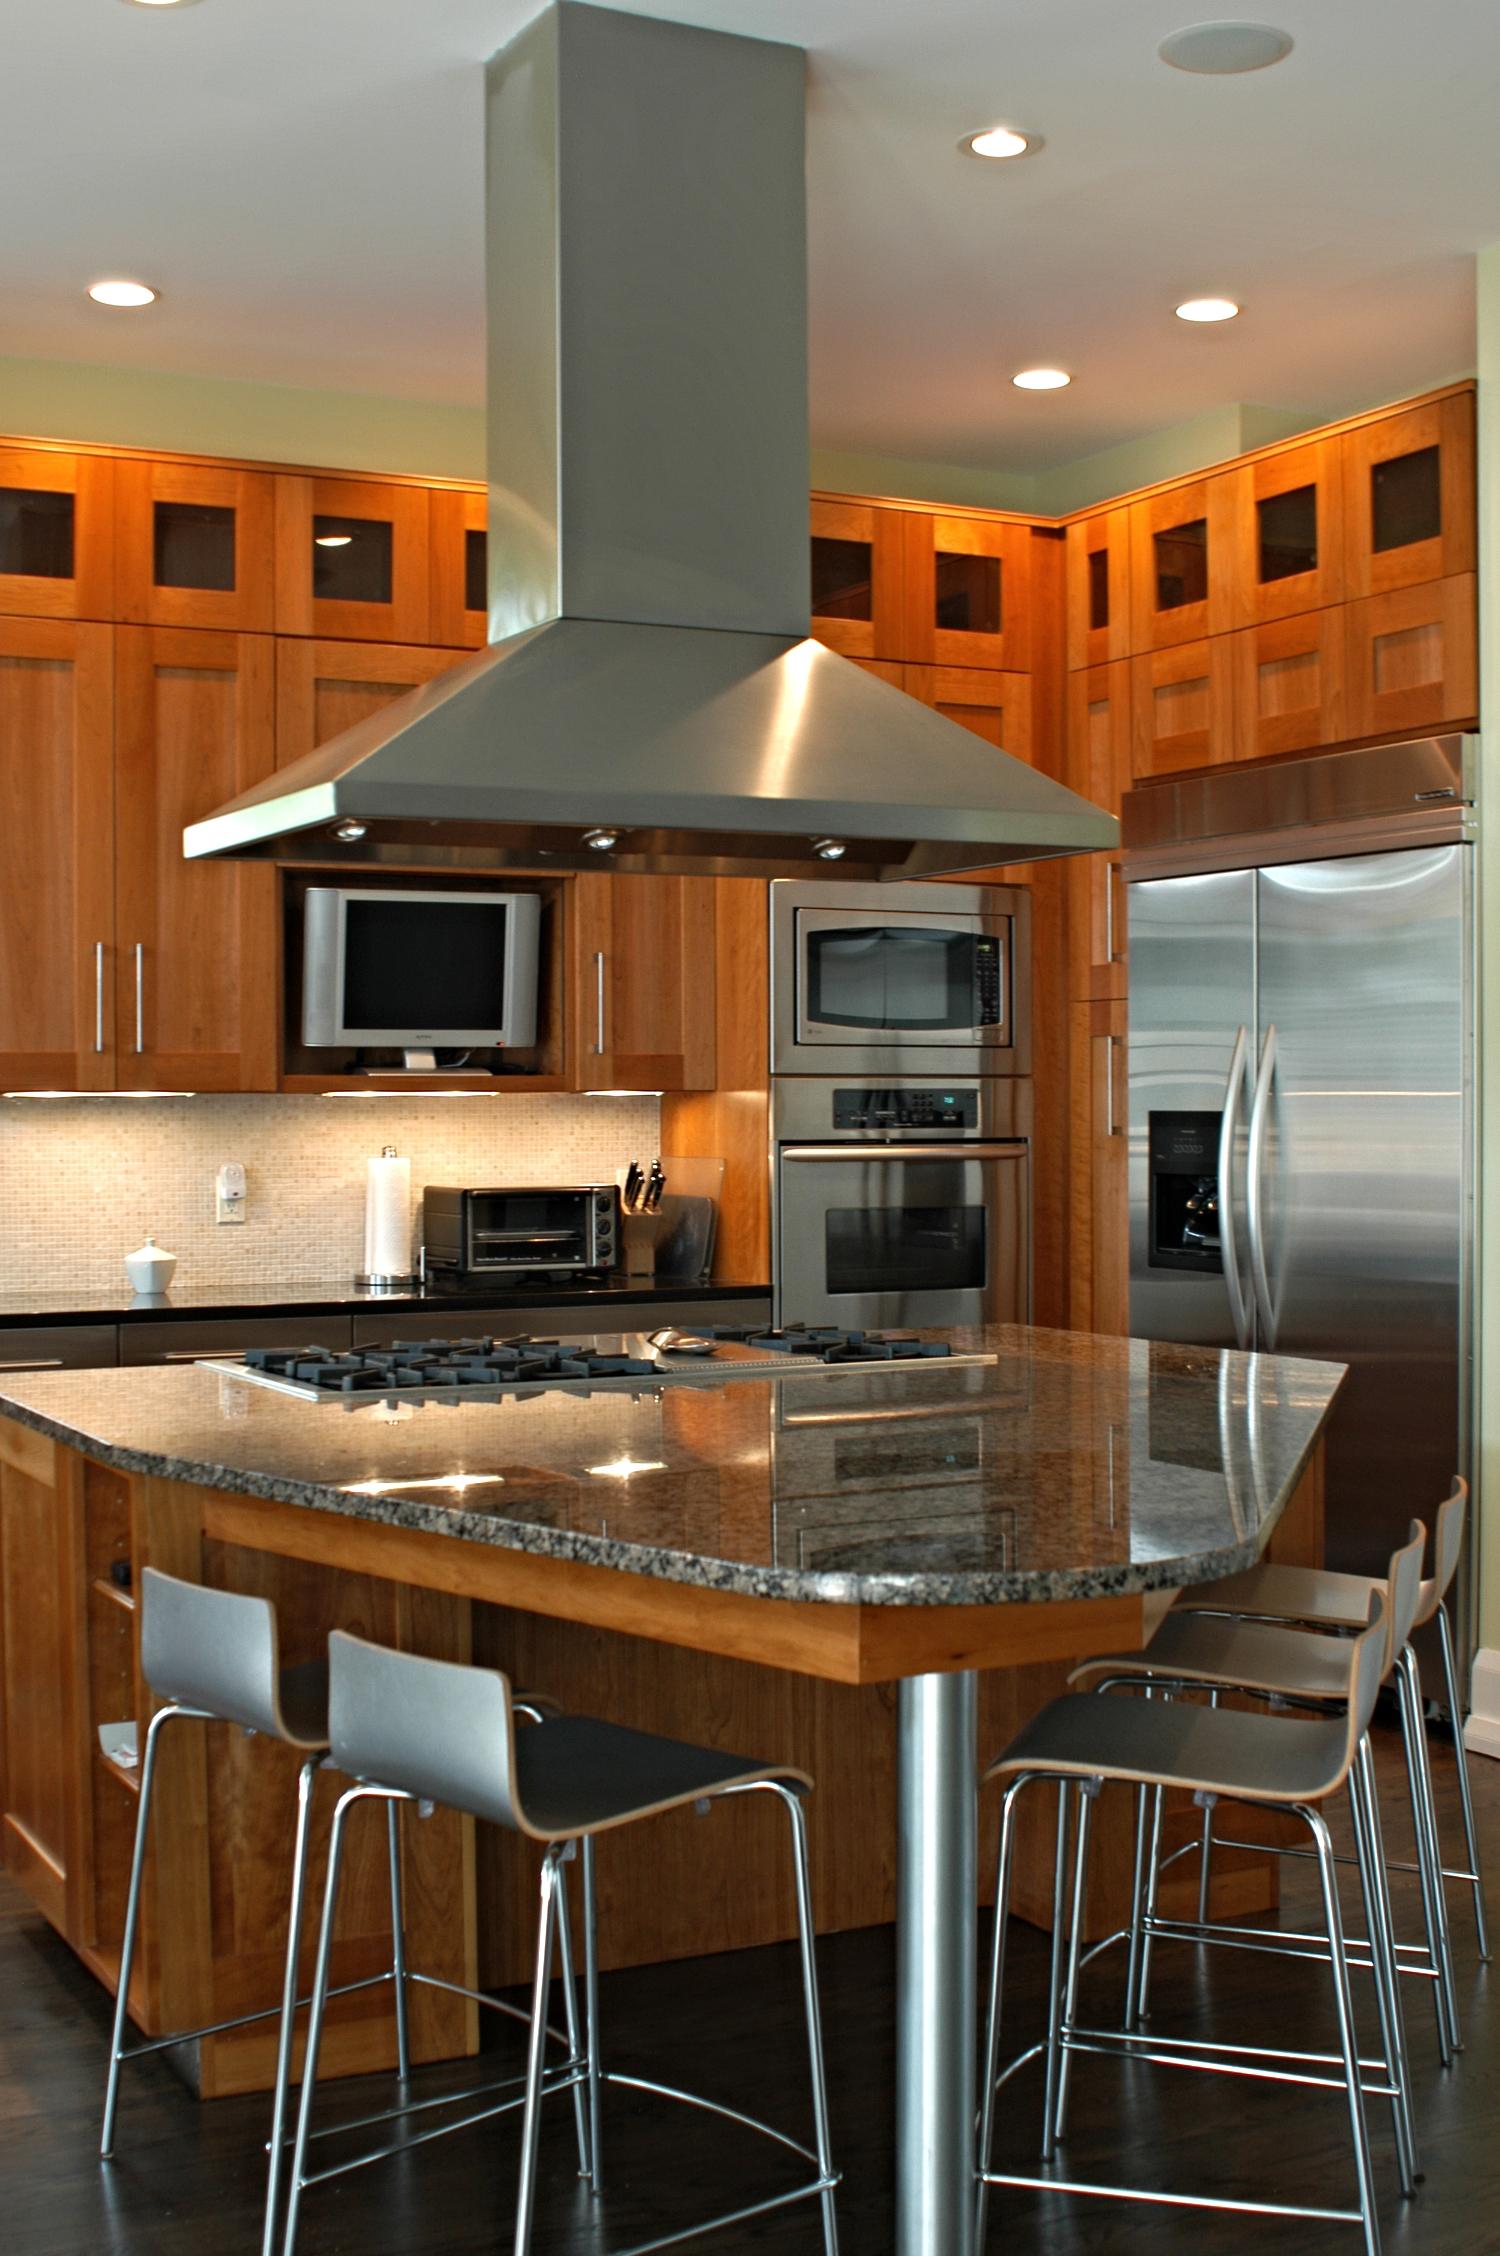 14_Gelfand_kitchen.JPG